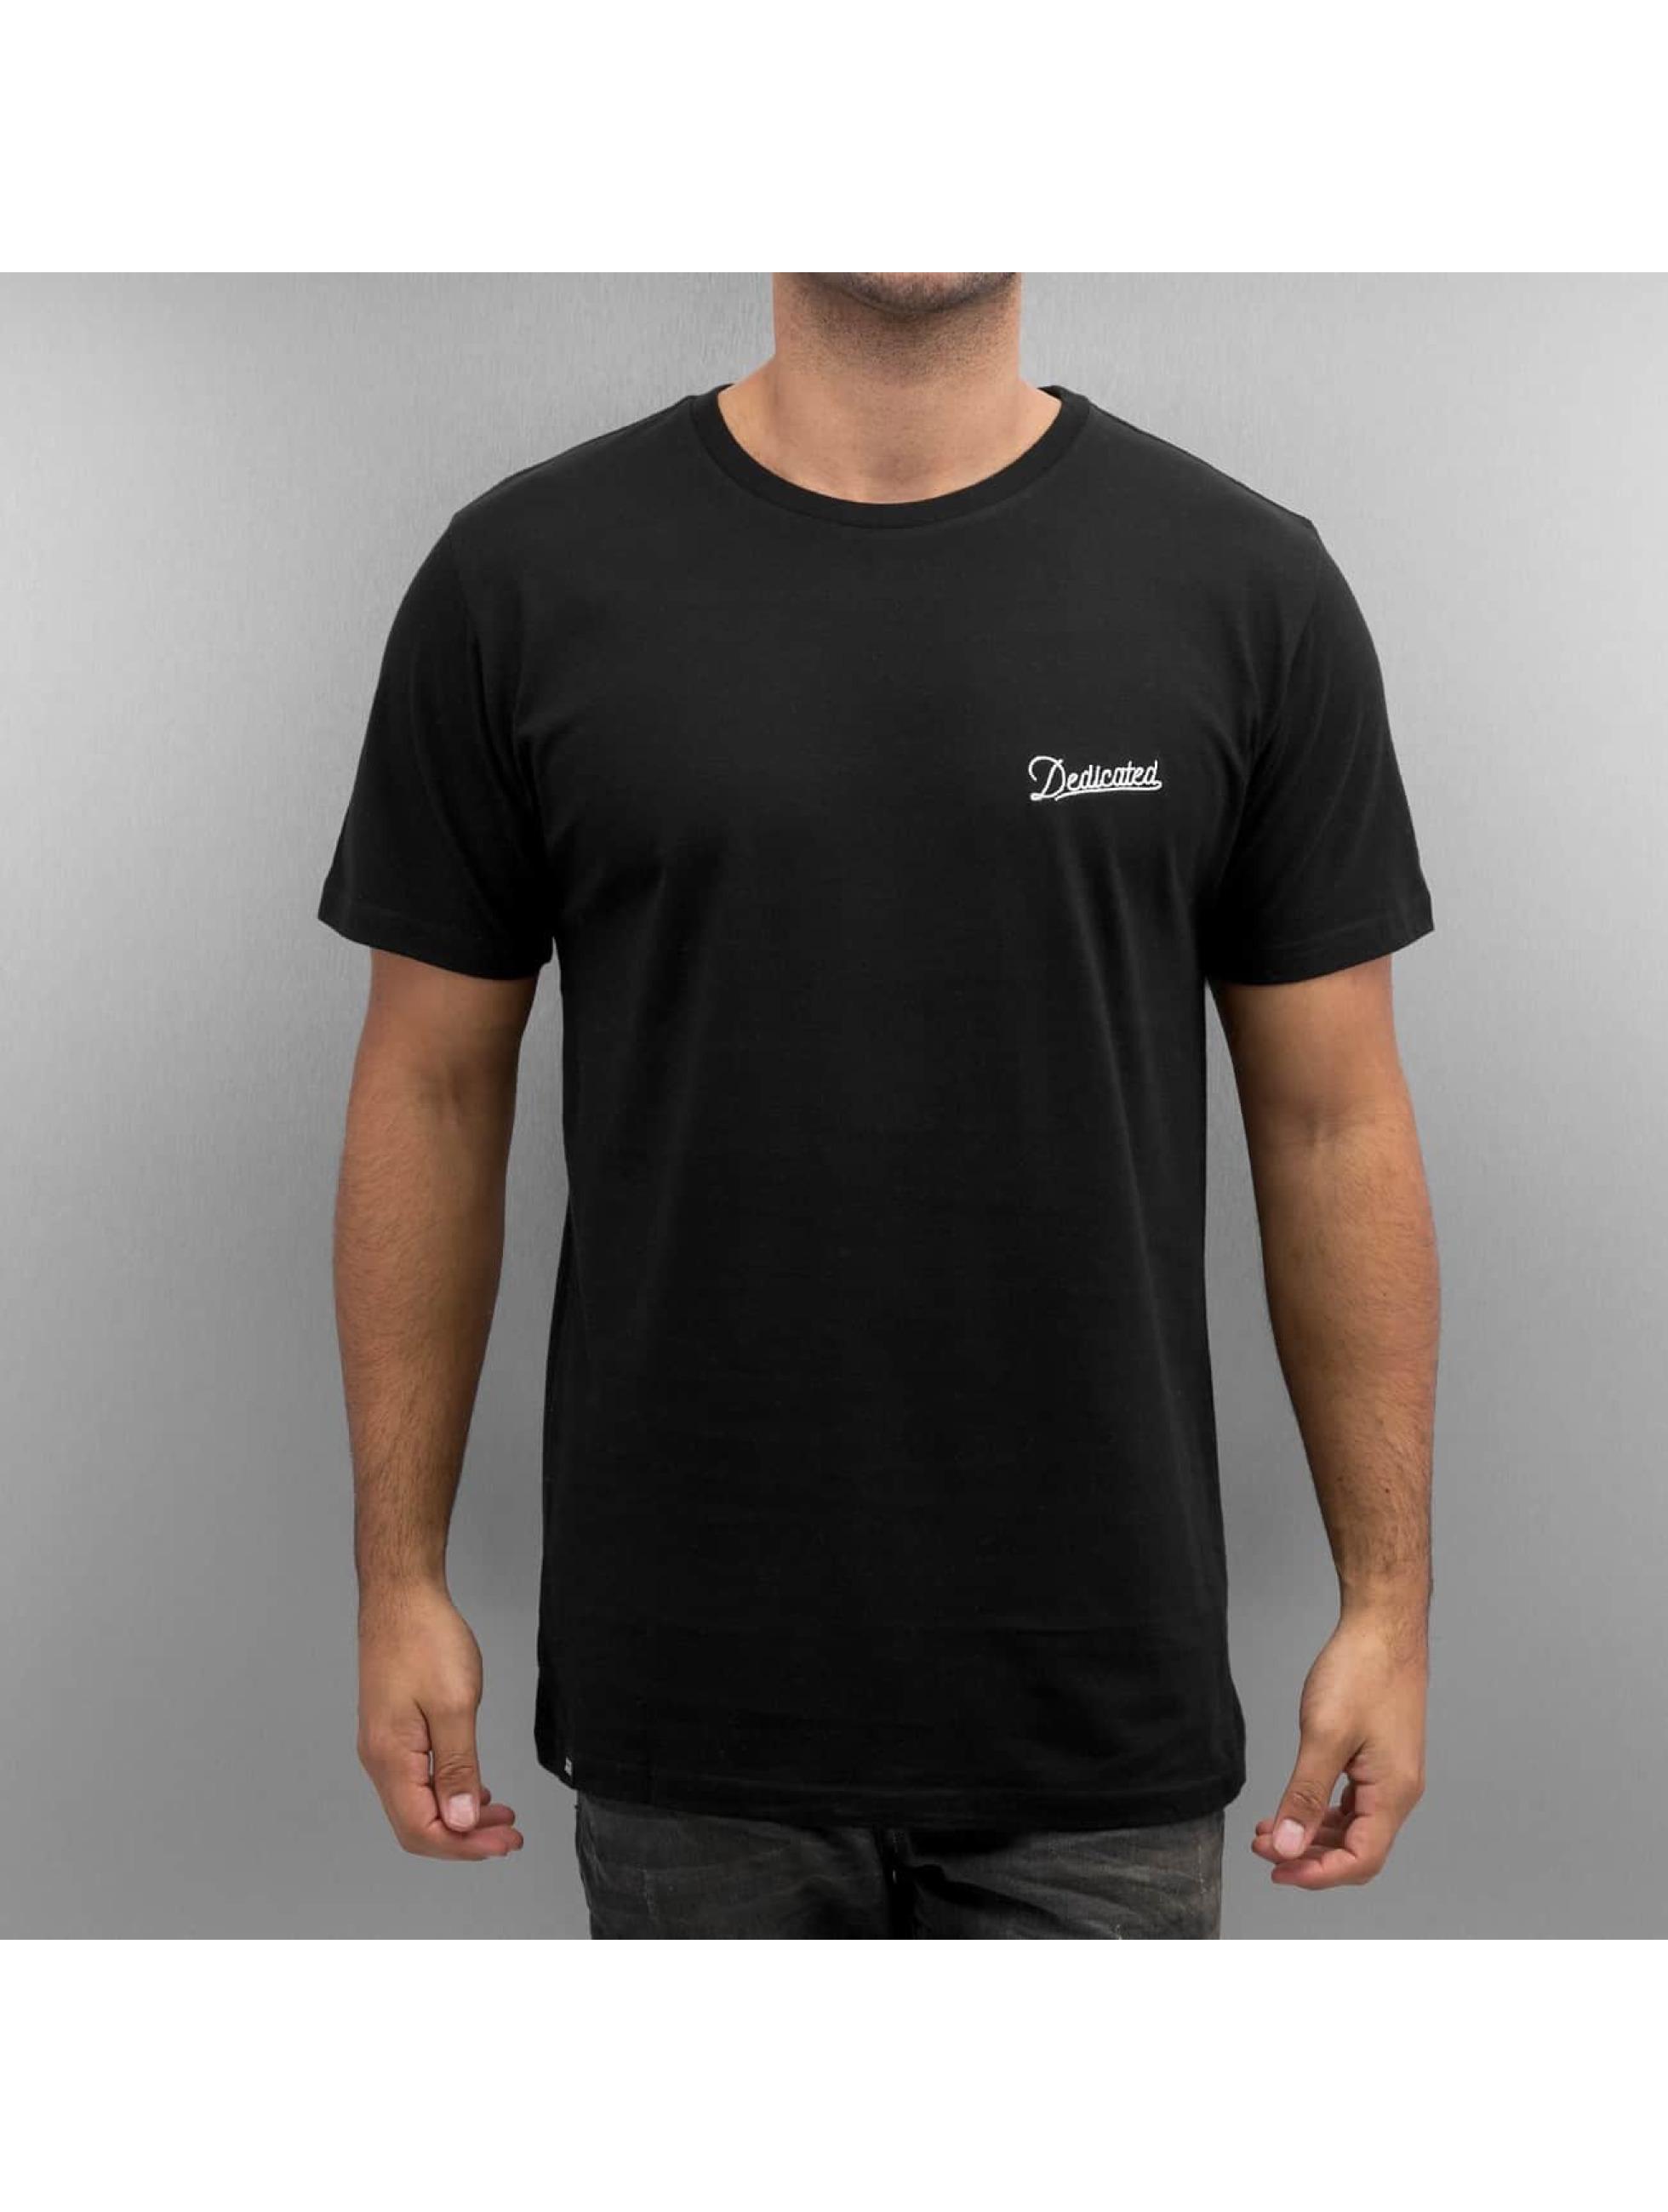 DEDICATED T-skjorter Stockholm Mountain Script svart